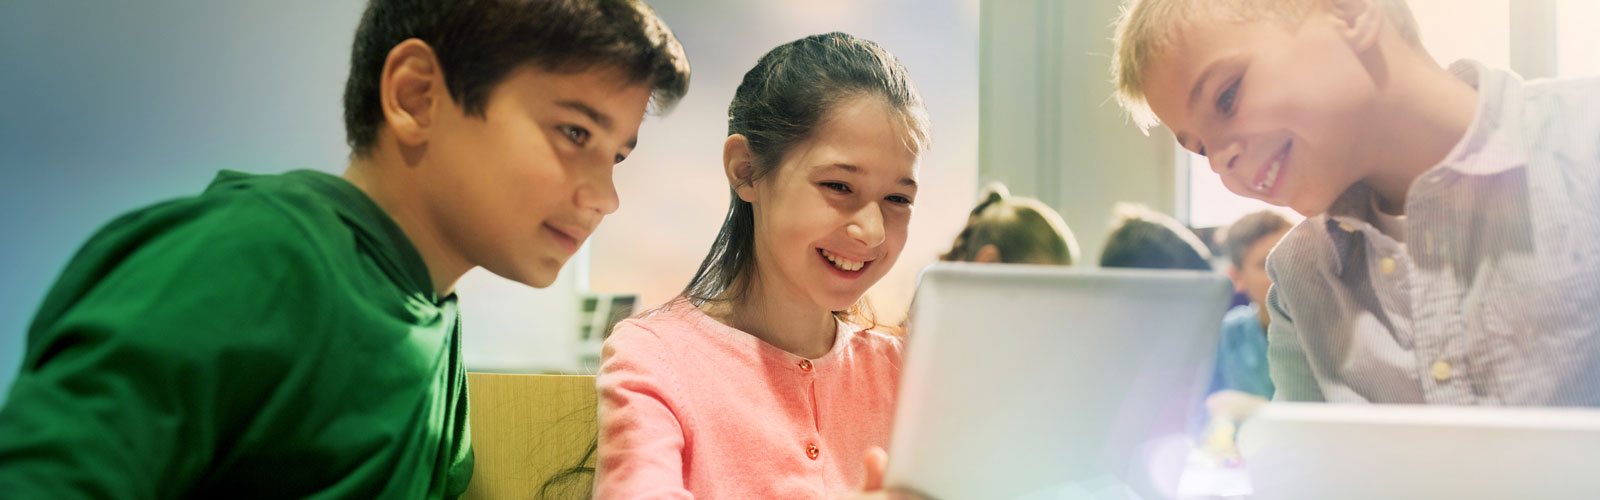 Informatische Bildung und Kreativität fördern – Finde das passende Angebot!